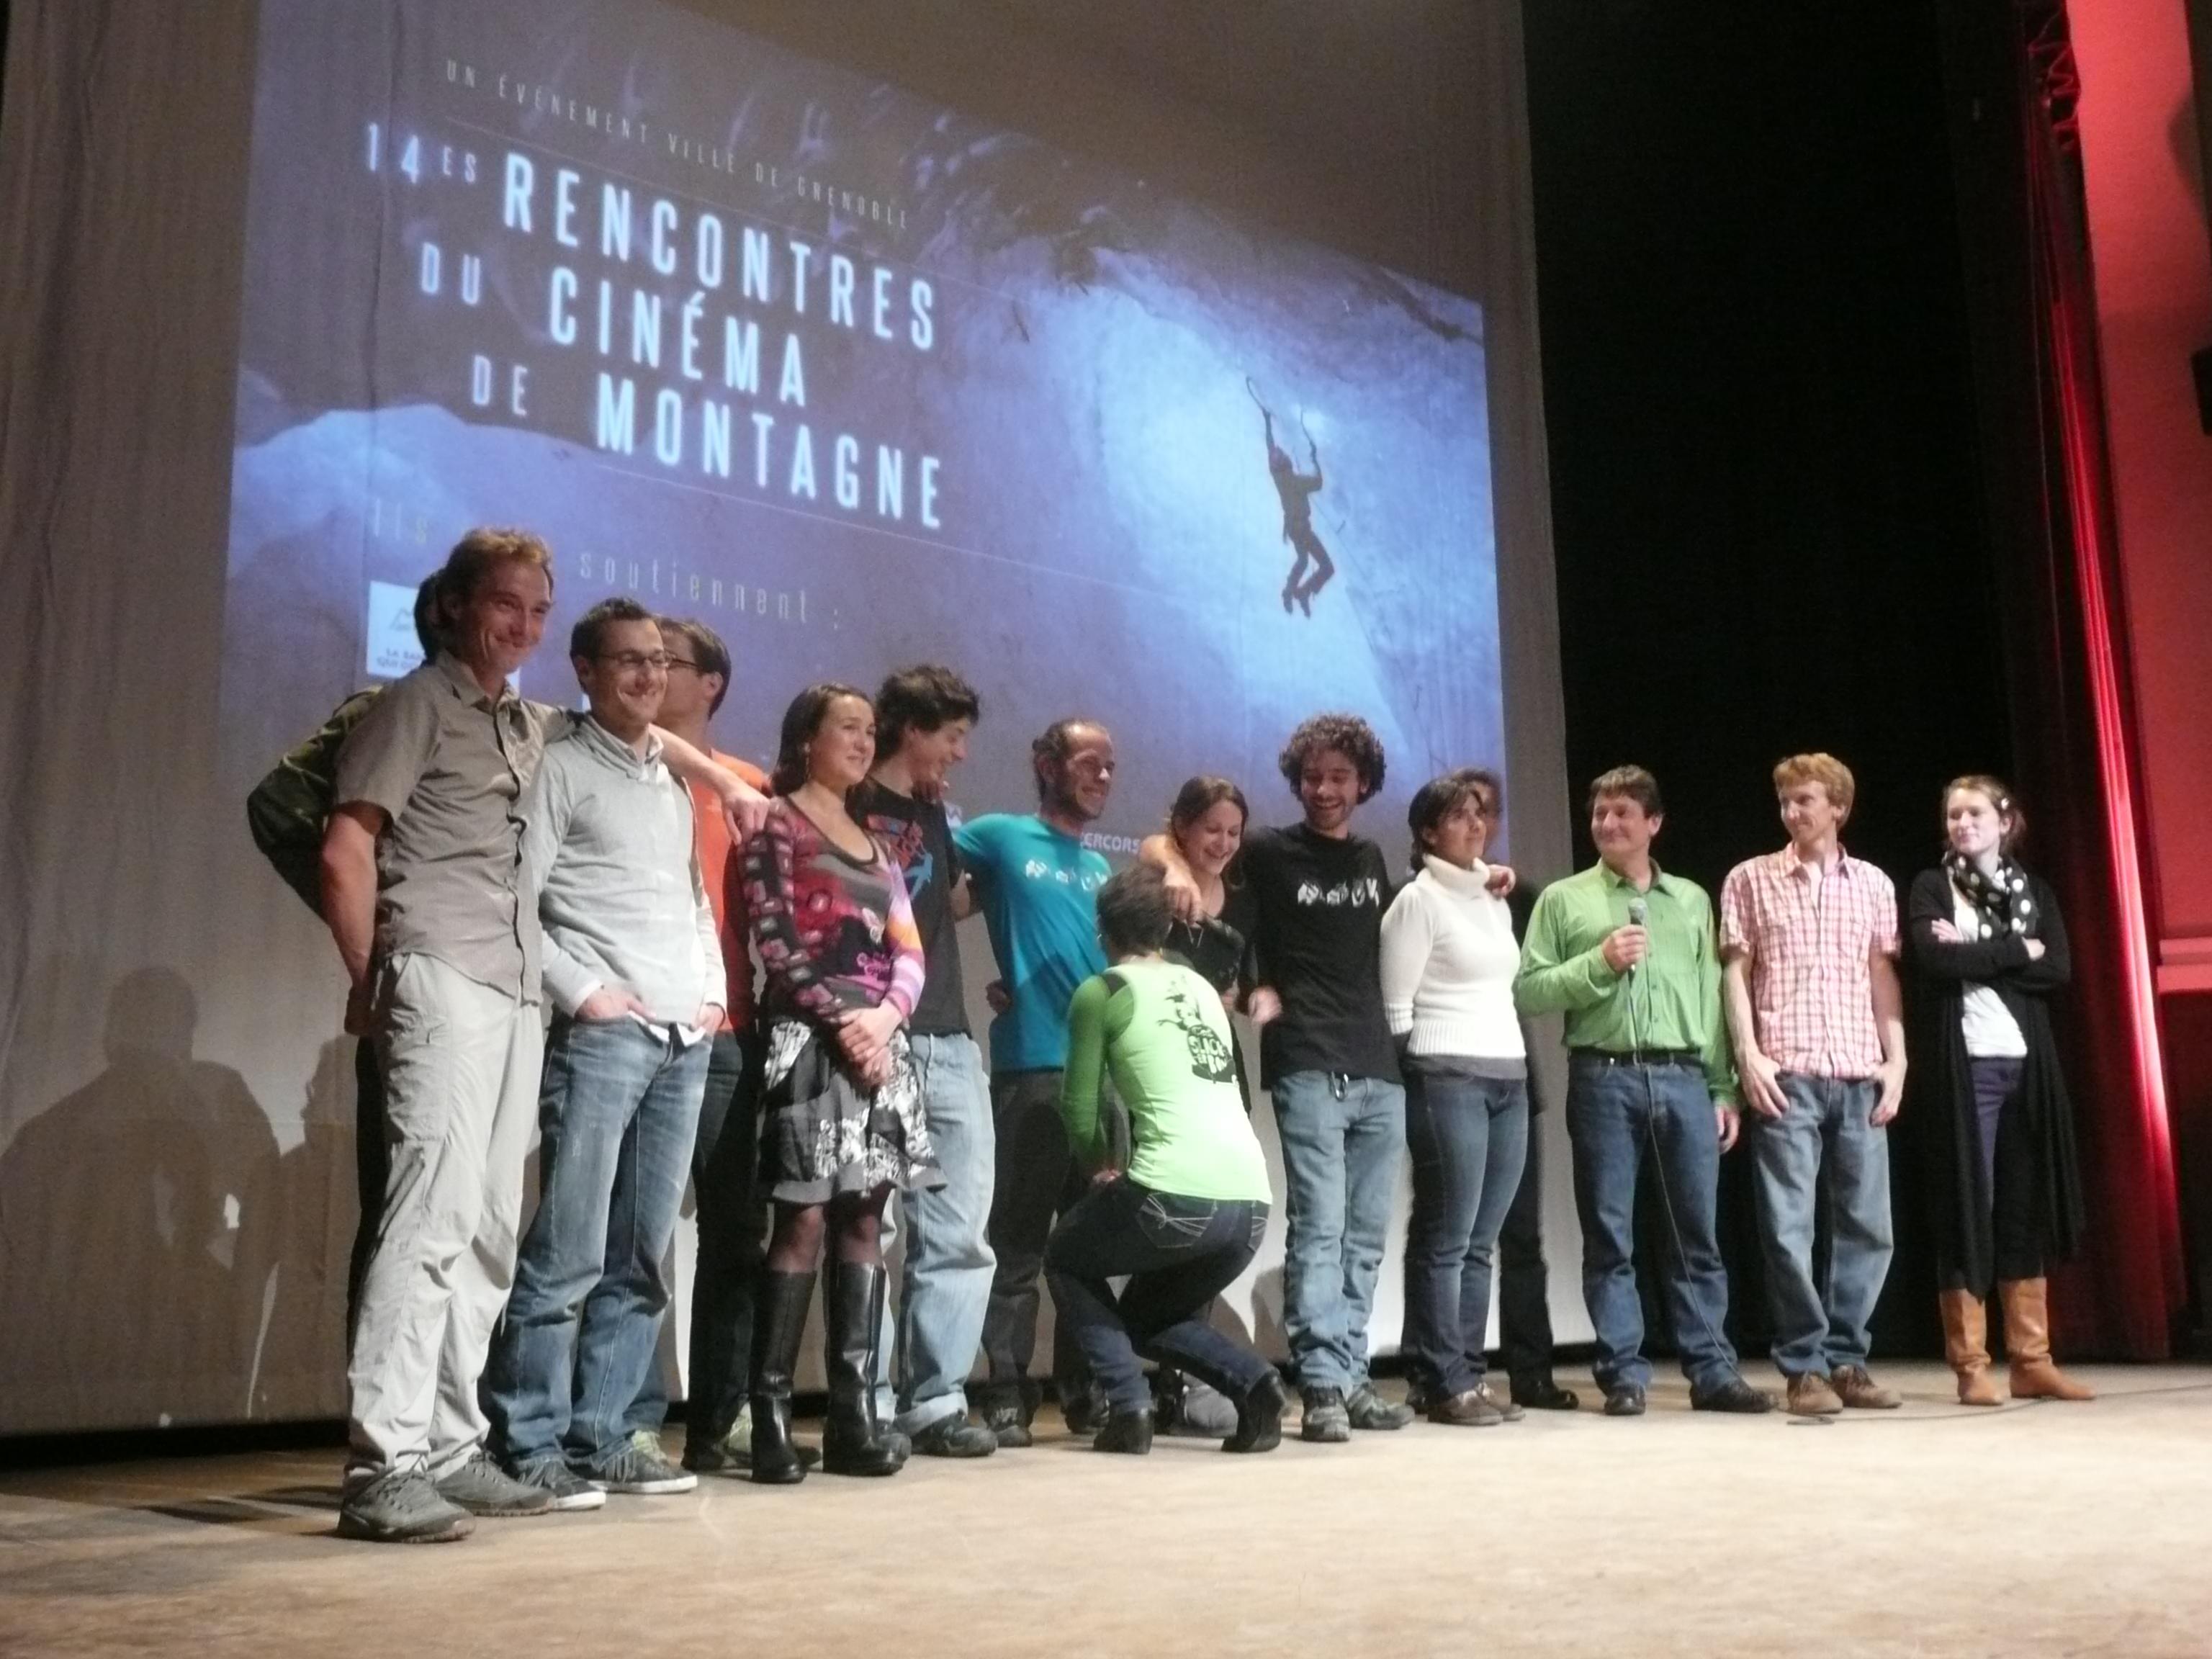 l'équipe de l'avant-première des 14es Rencontres du Cinéma de Montagne